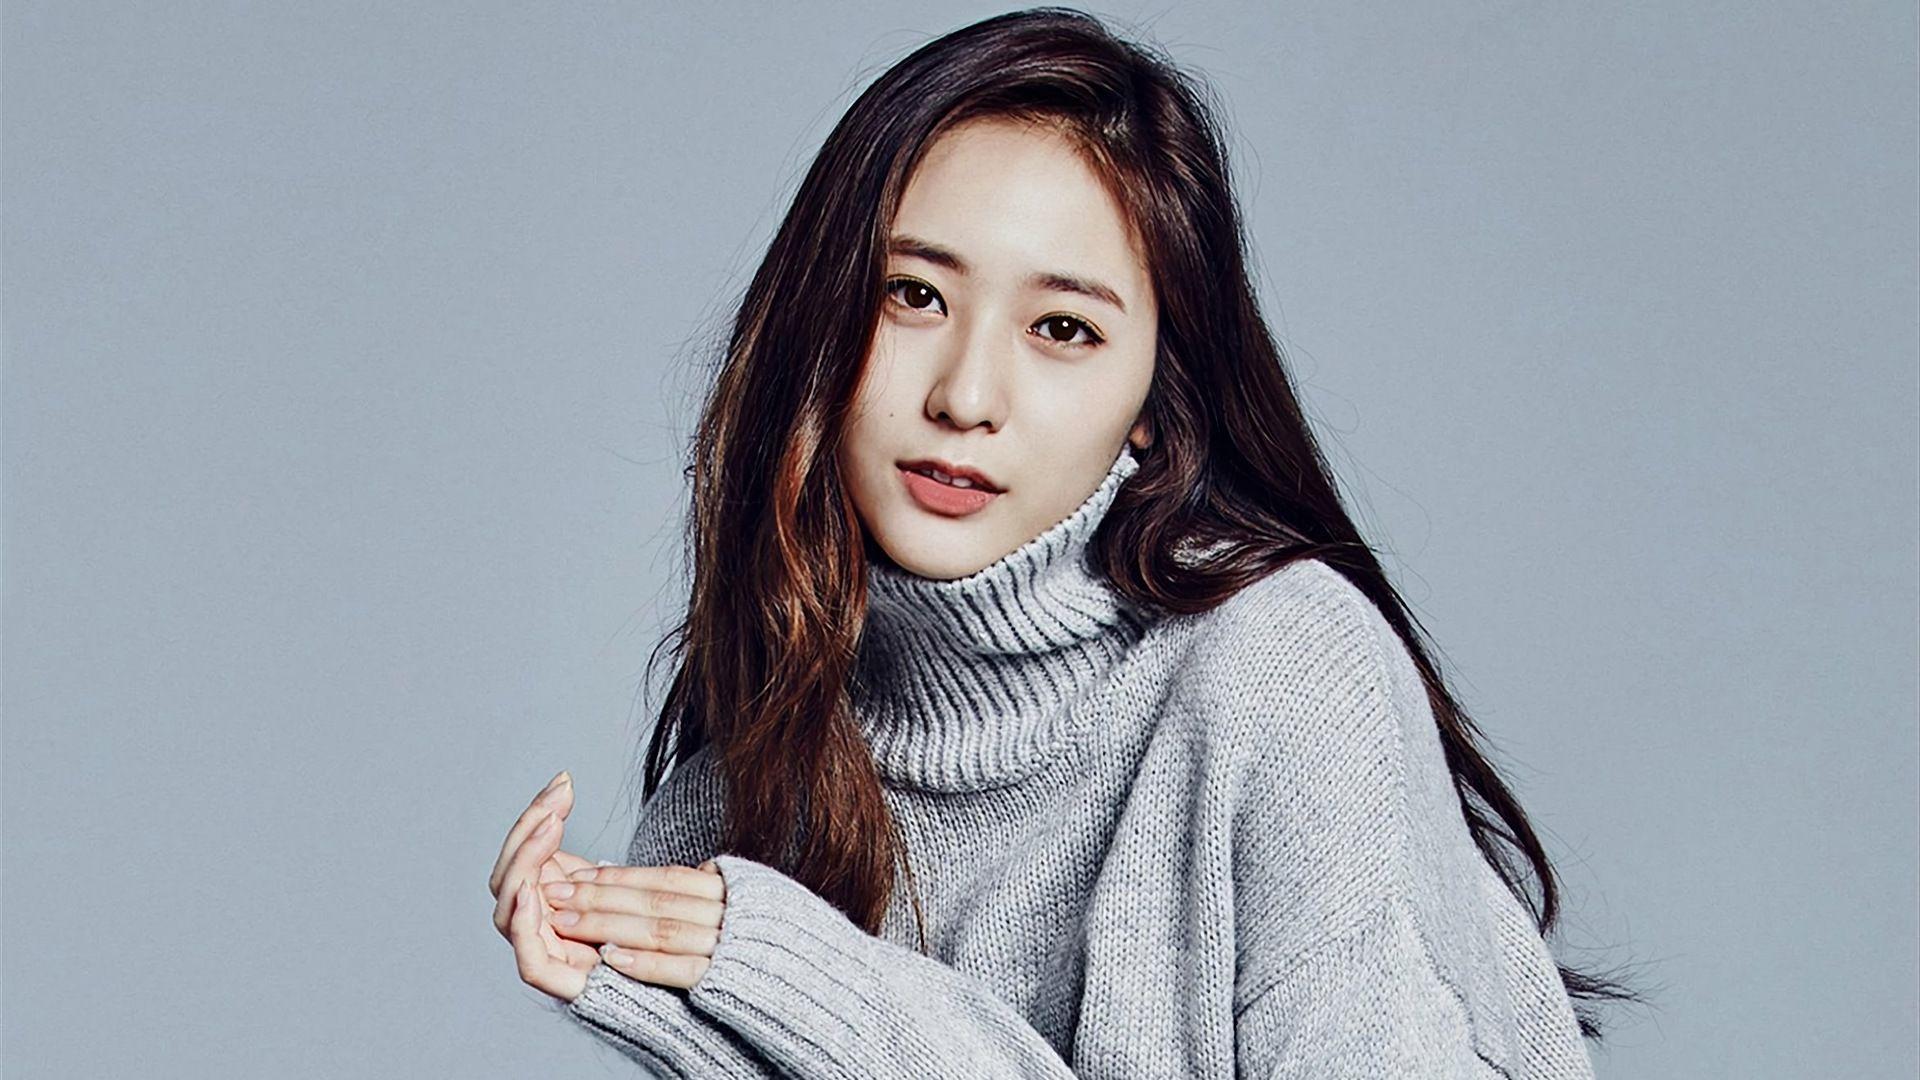 Krystal Jung Wallpapers Top Free Krystal Jung Backgrounds